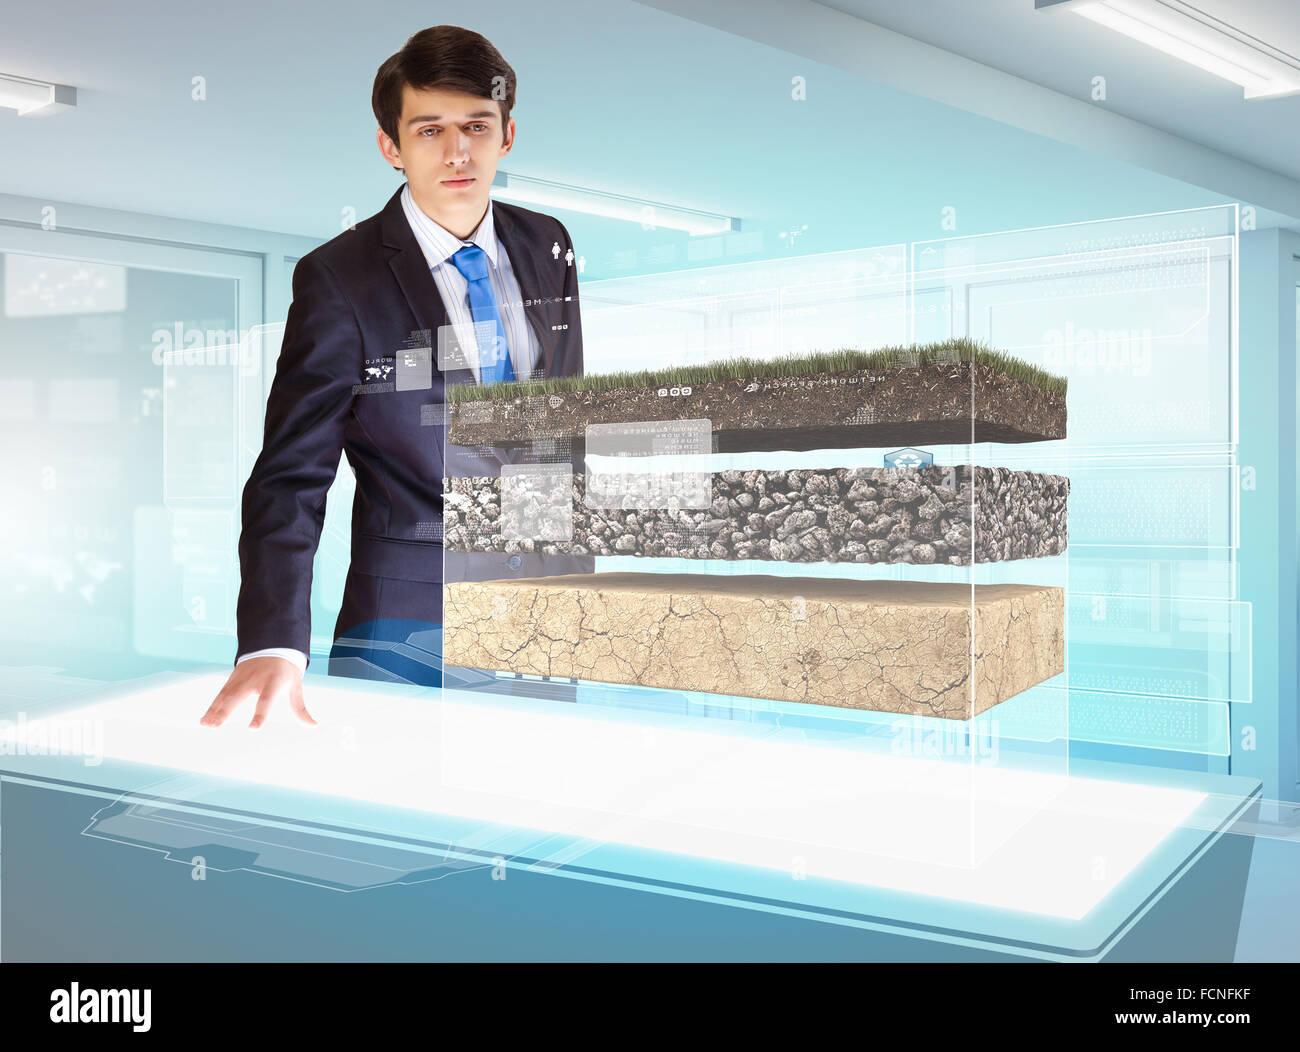 Imagen del joven empresario mirando la imagen de alta tecnología de mantillo Imagen De Stock